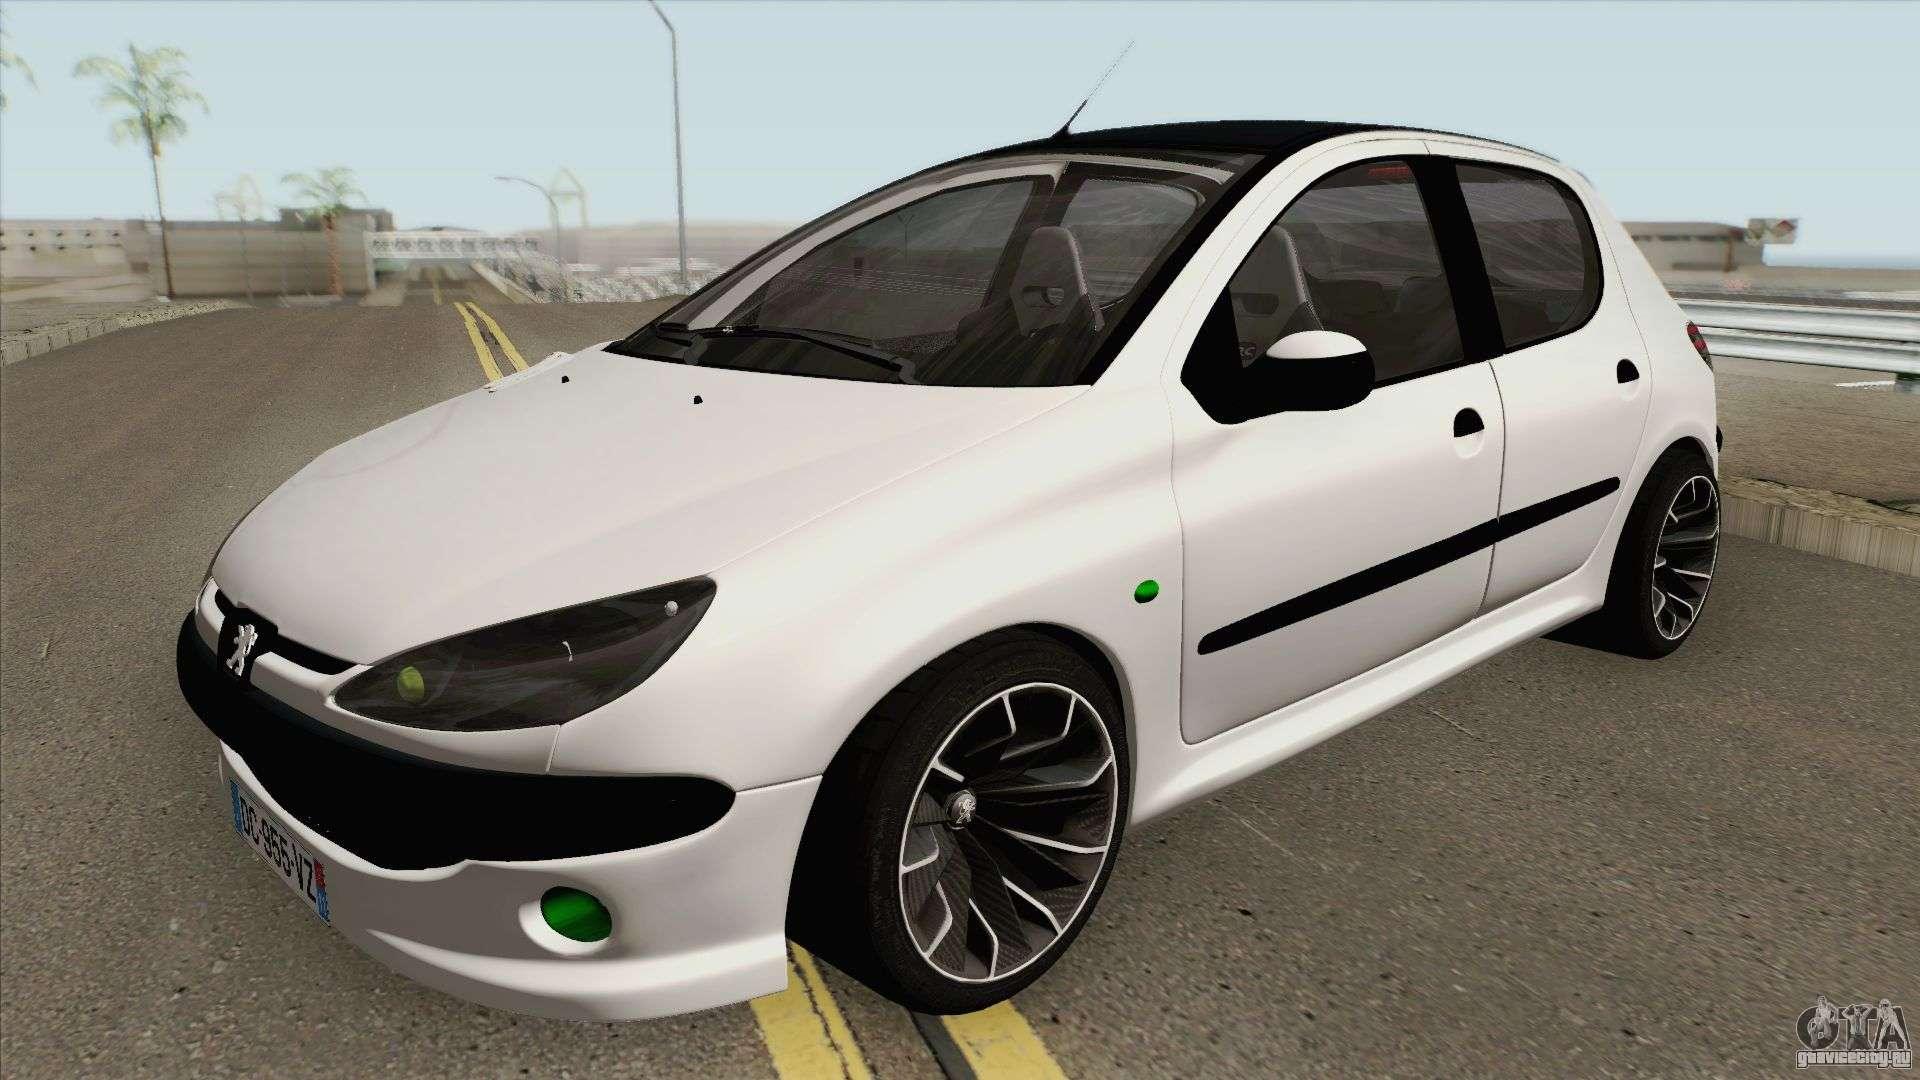 Peugeot 206 Tuning Auto S En Vrachtwagens Miniatuurvoertuigen